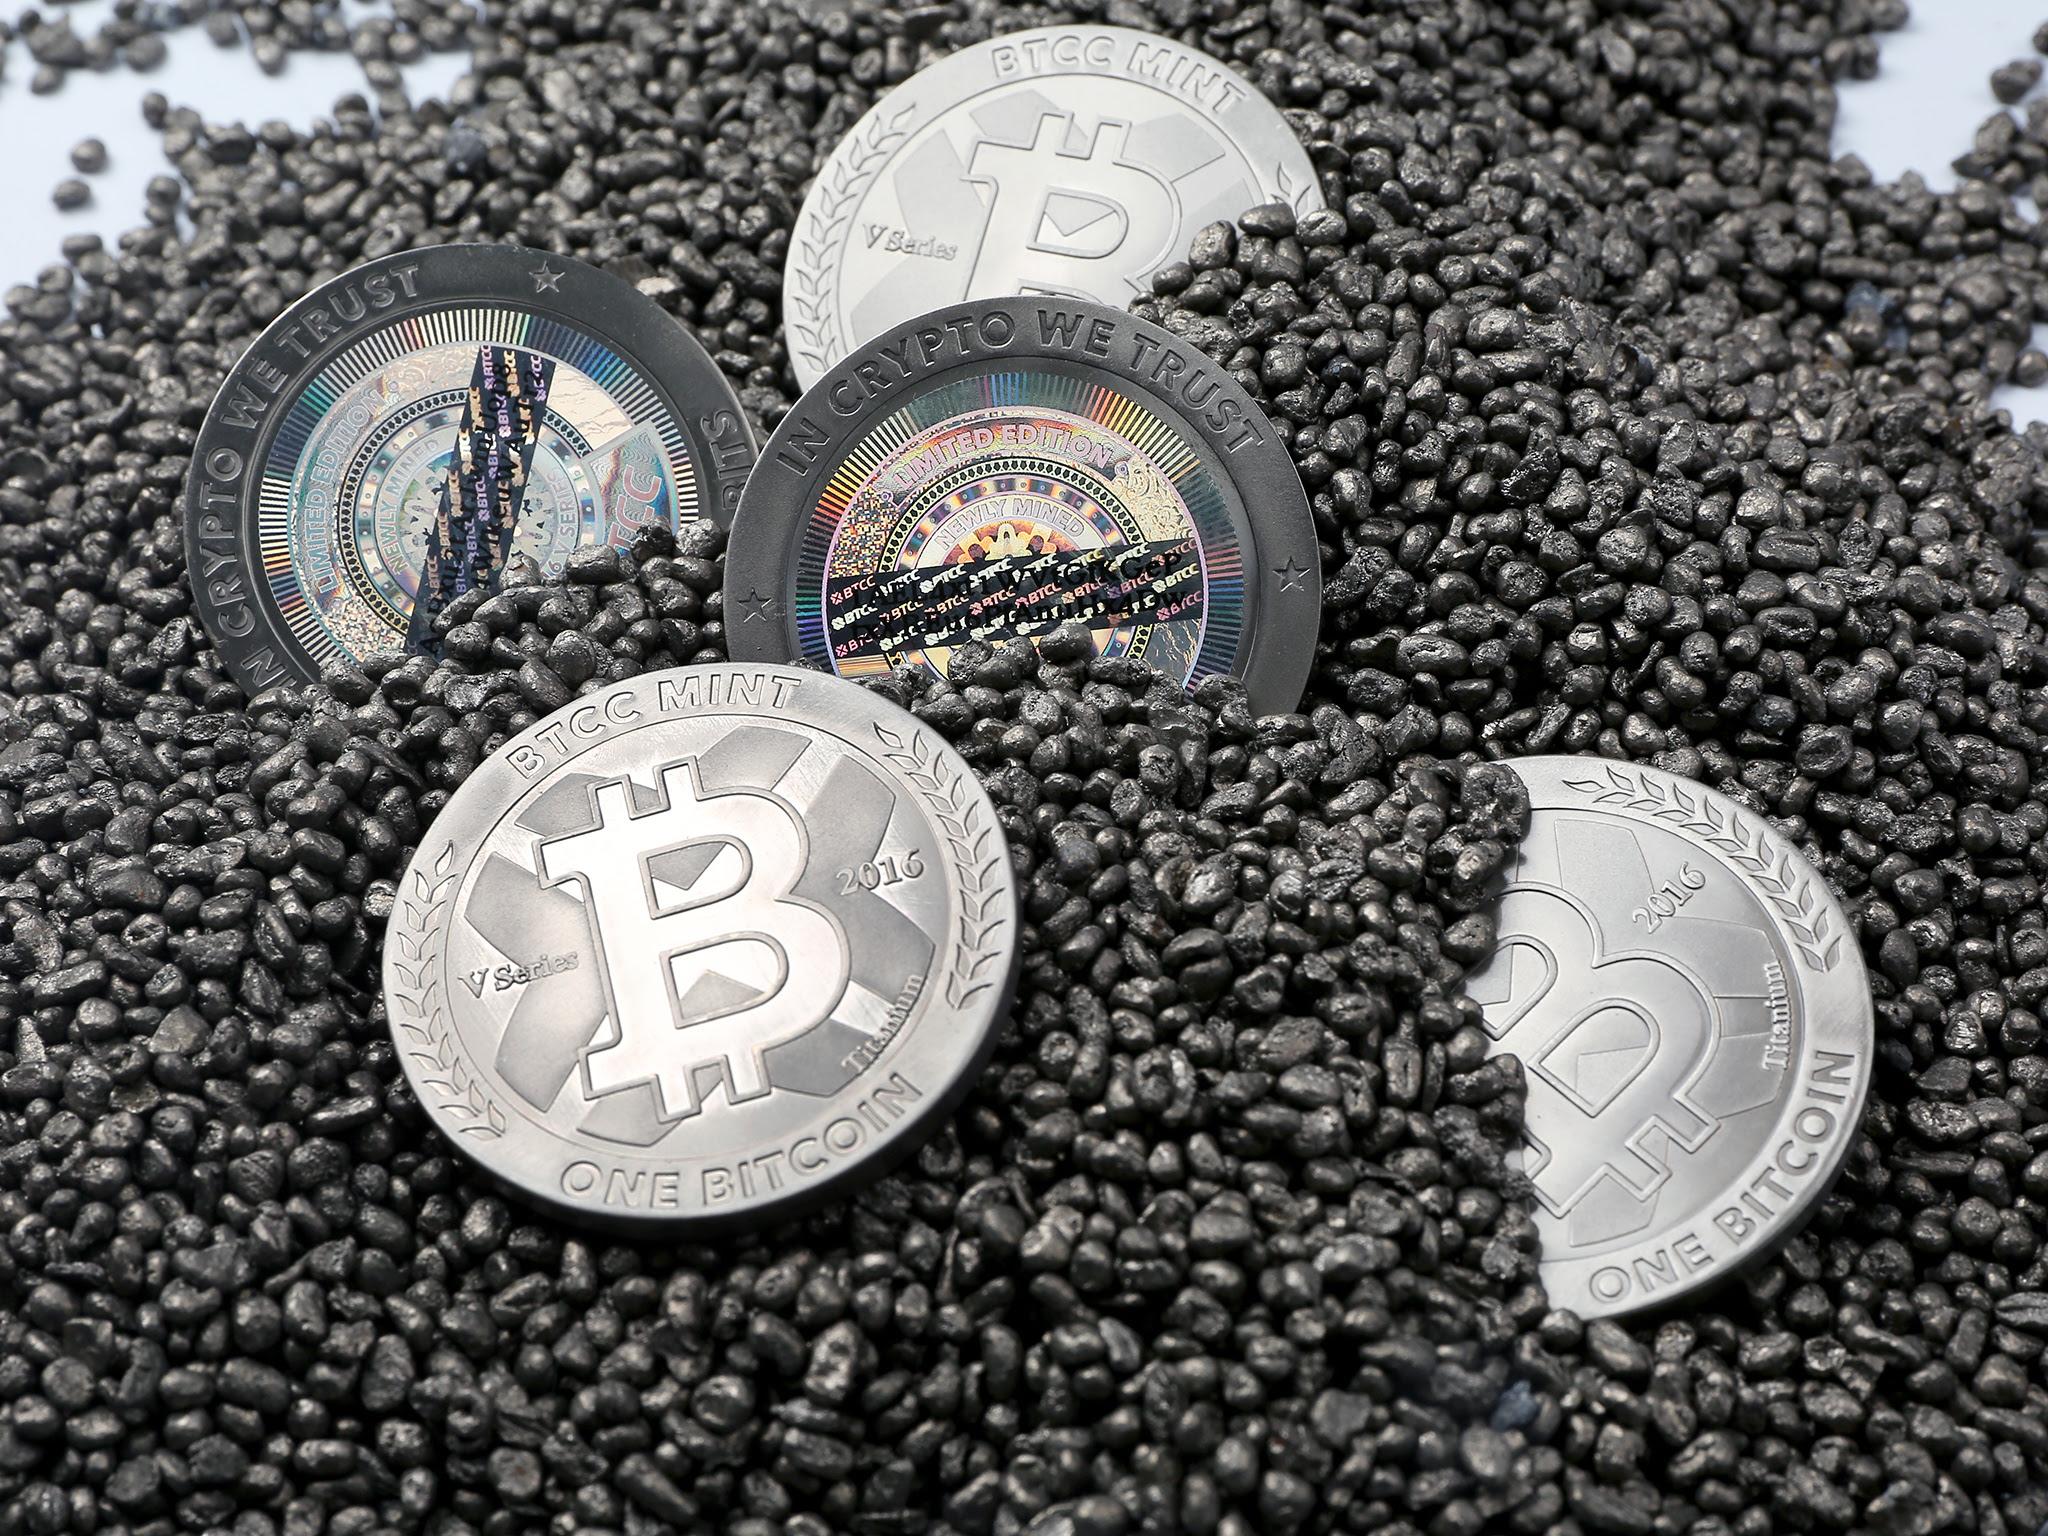 Valuta i Albanien - Ska man Växla före resan eller inte?